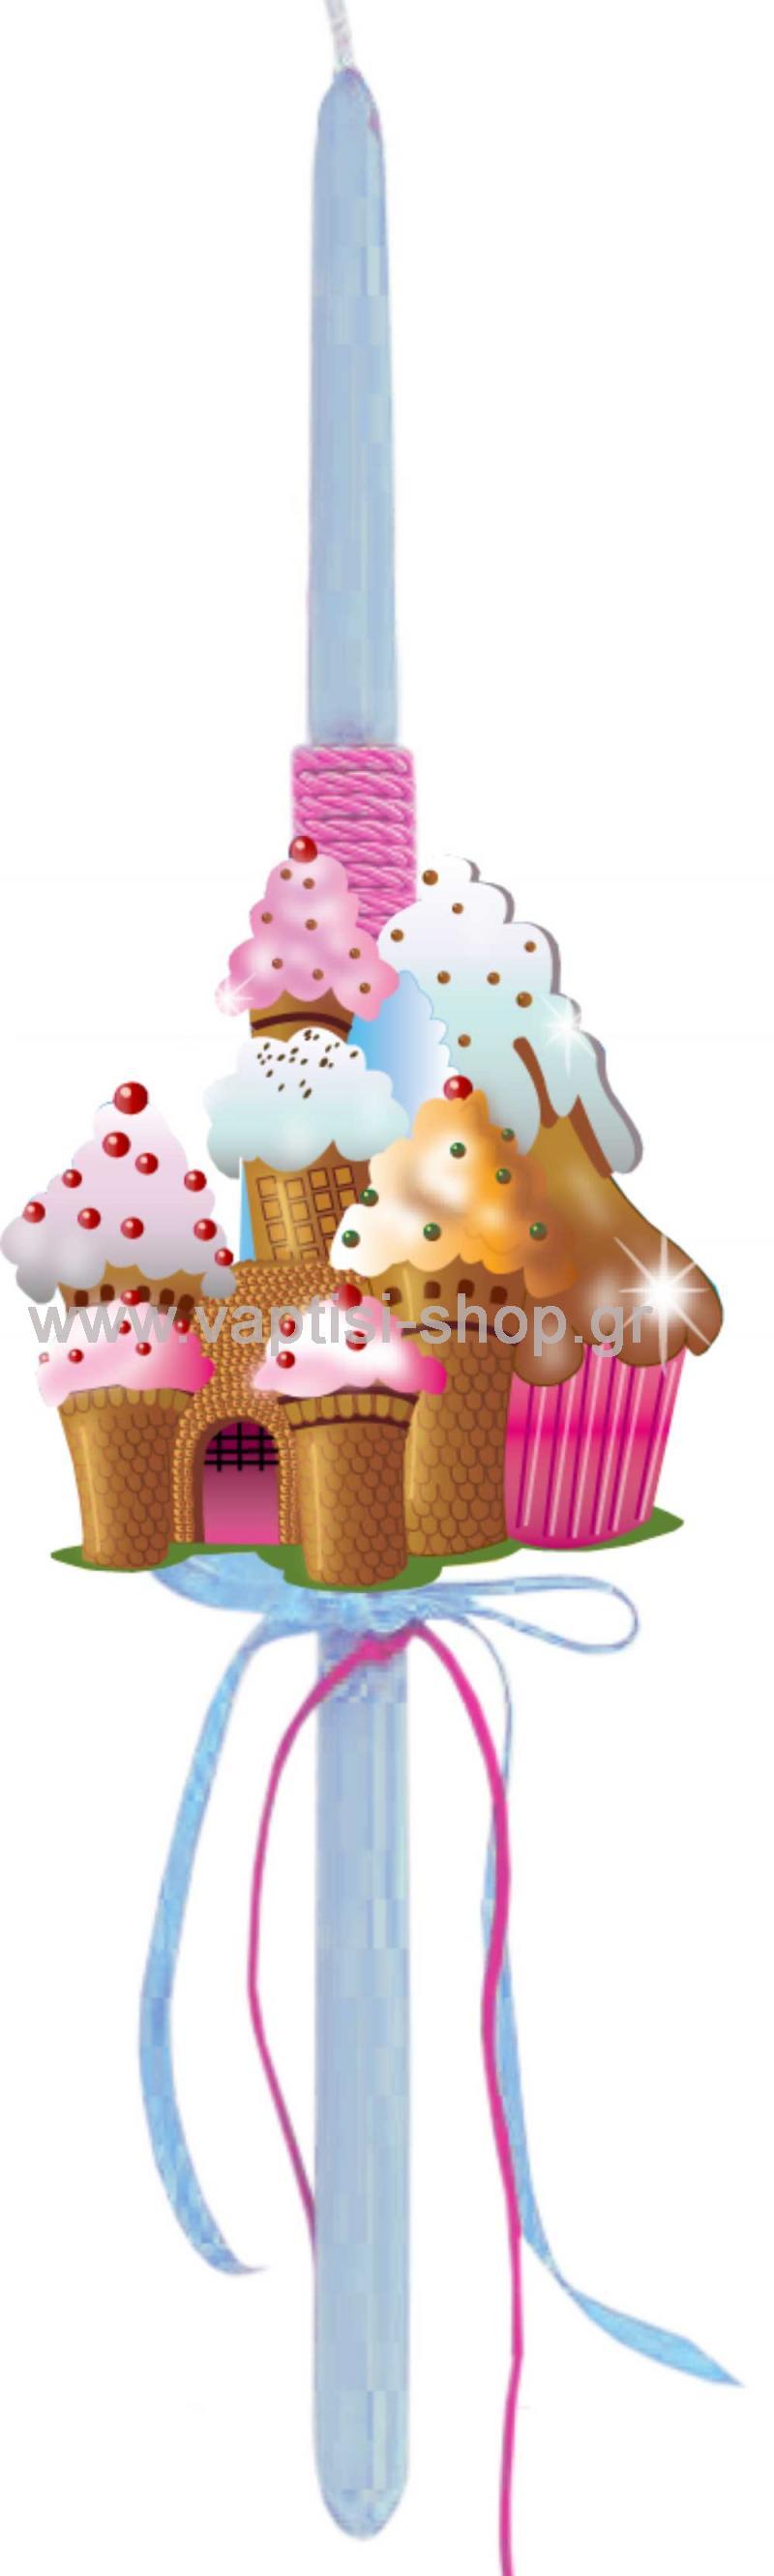 Πασχαλινή Λαμπάδα Candyhouse